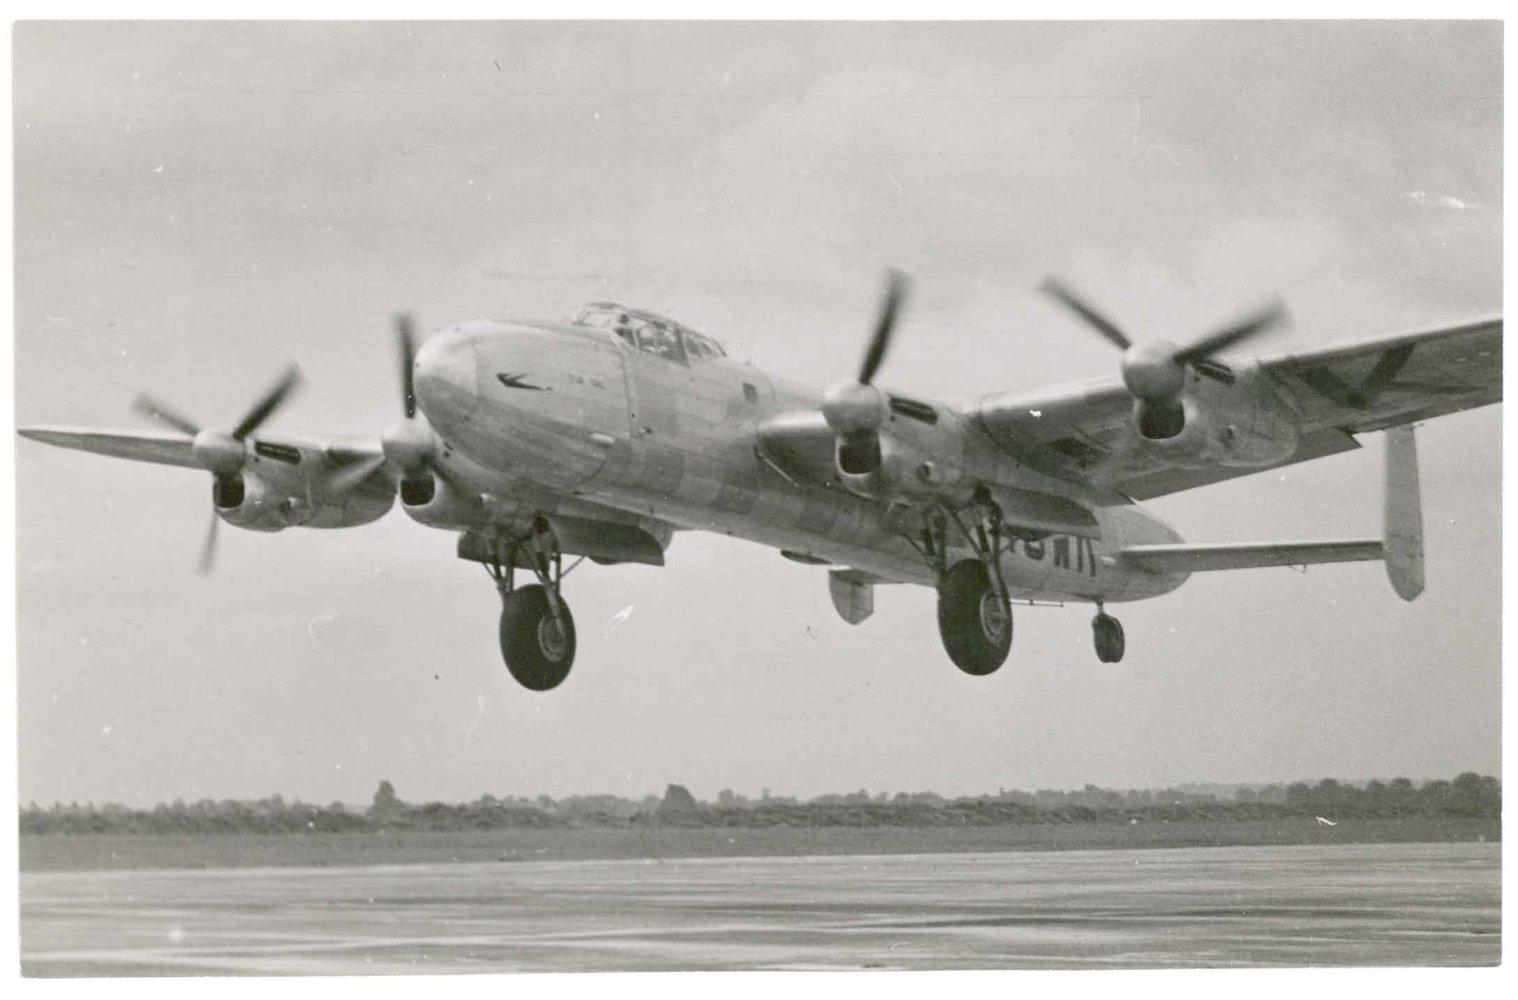 """Avro 691 Lancastrian similar al """"Star Dust"""". Sobre el modelo militar apenas se efectuaron modificaciones, aparte de eliminar equipo y armamento y la conversión de las bodegas de bombas en otras para carga, adaptación de asientos en el fuselaje y un morro ciego más aerodinámico. (Fuente: verdon-roe.co.uk)"""